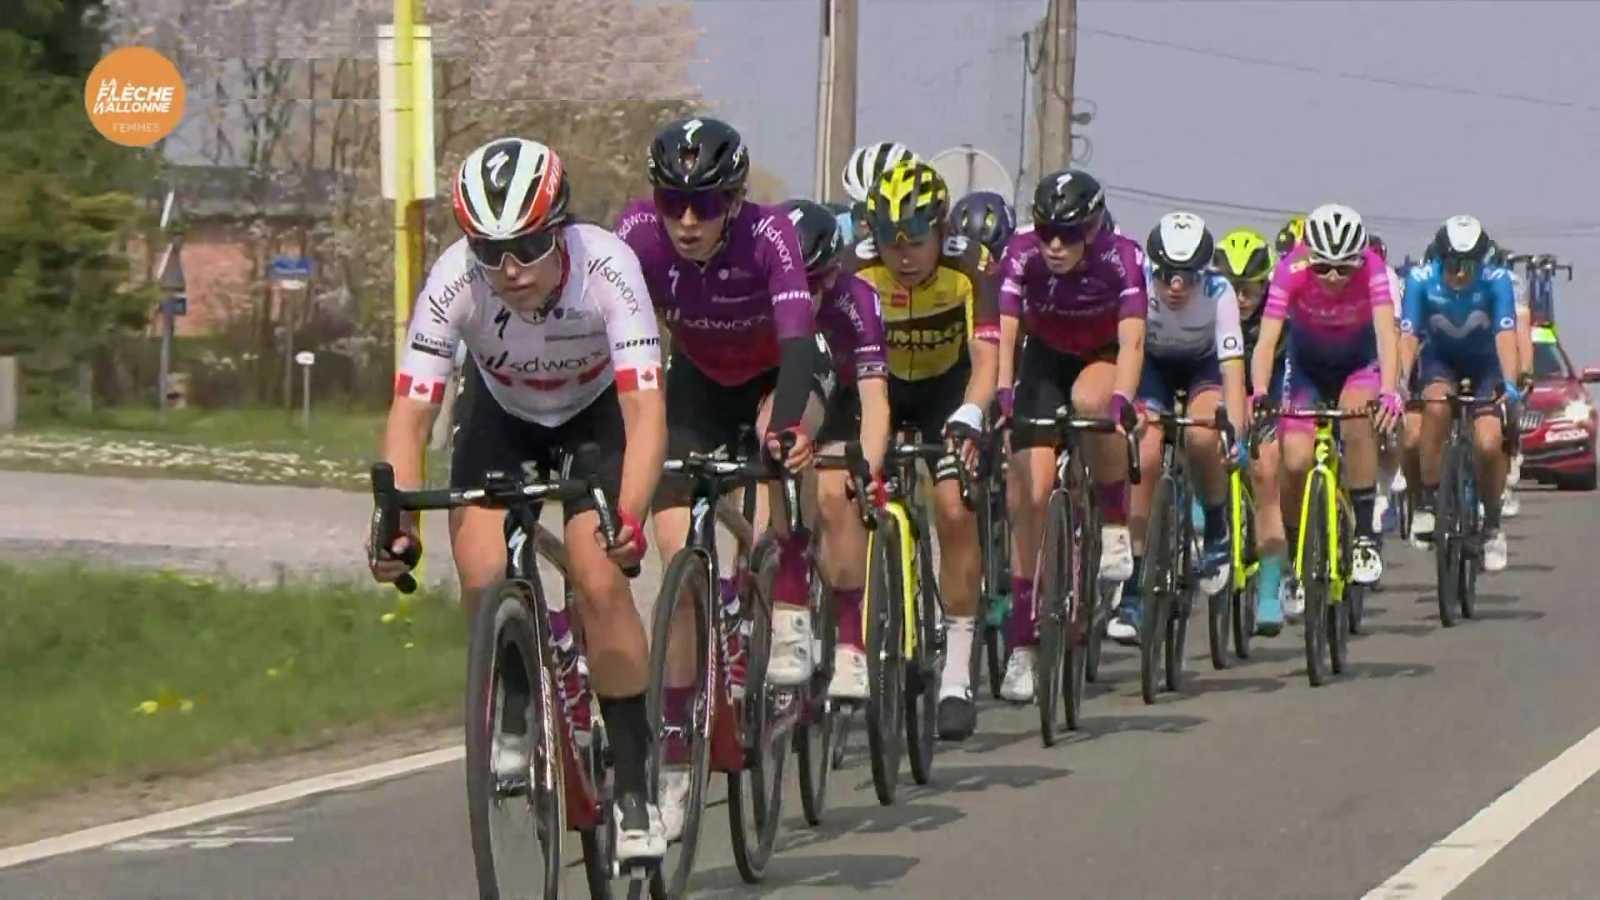 Ciclismo - Flecha Valona 2021. Carrera femenina - ver ahora